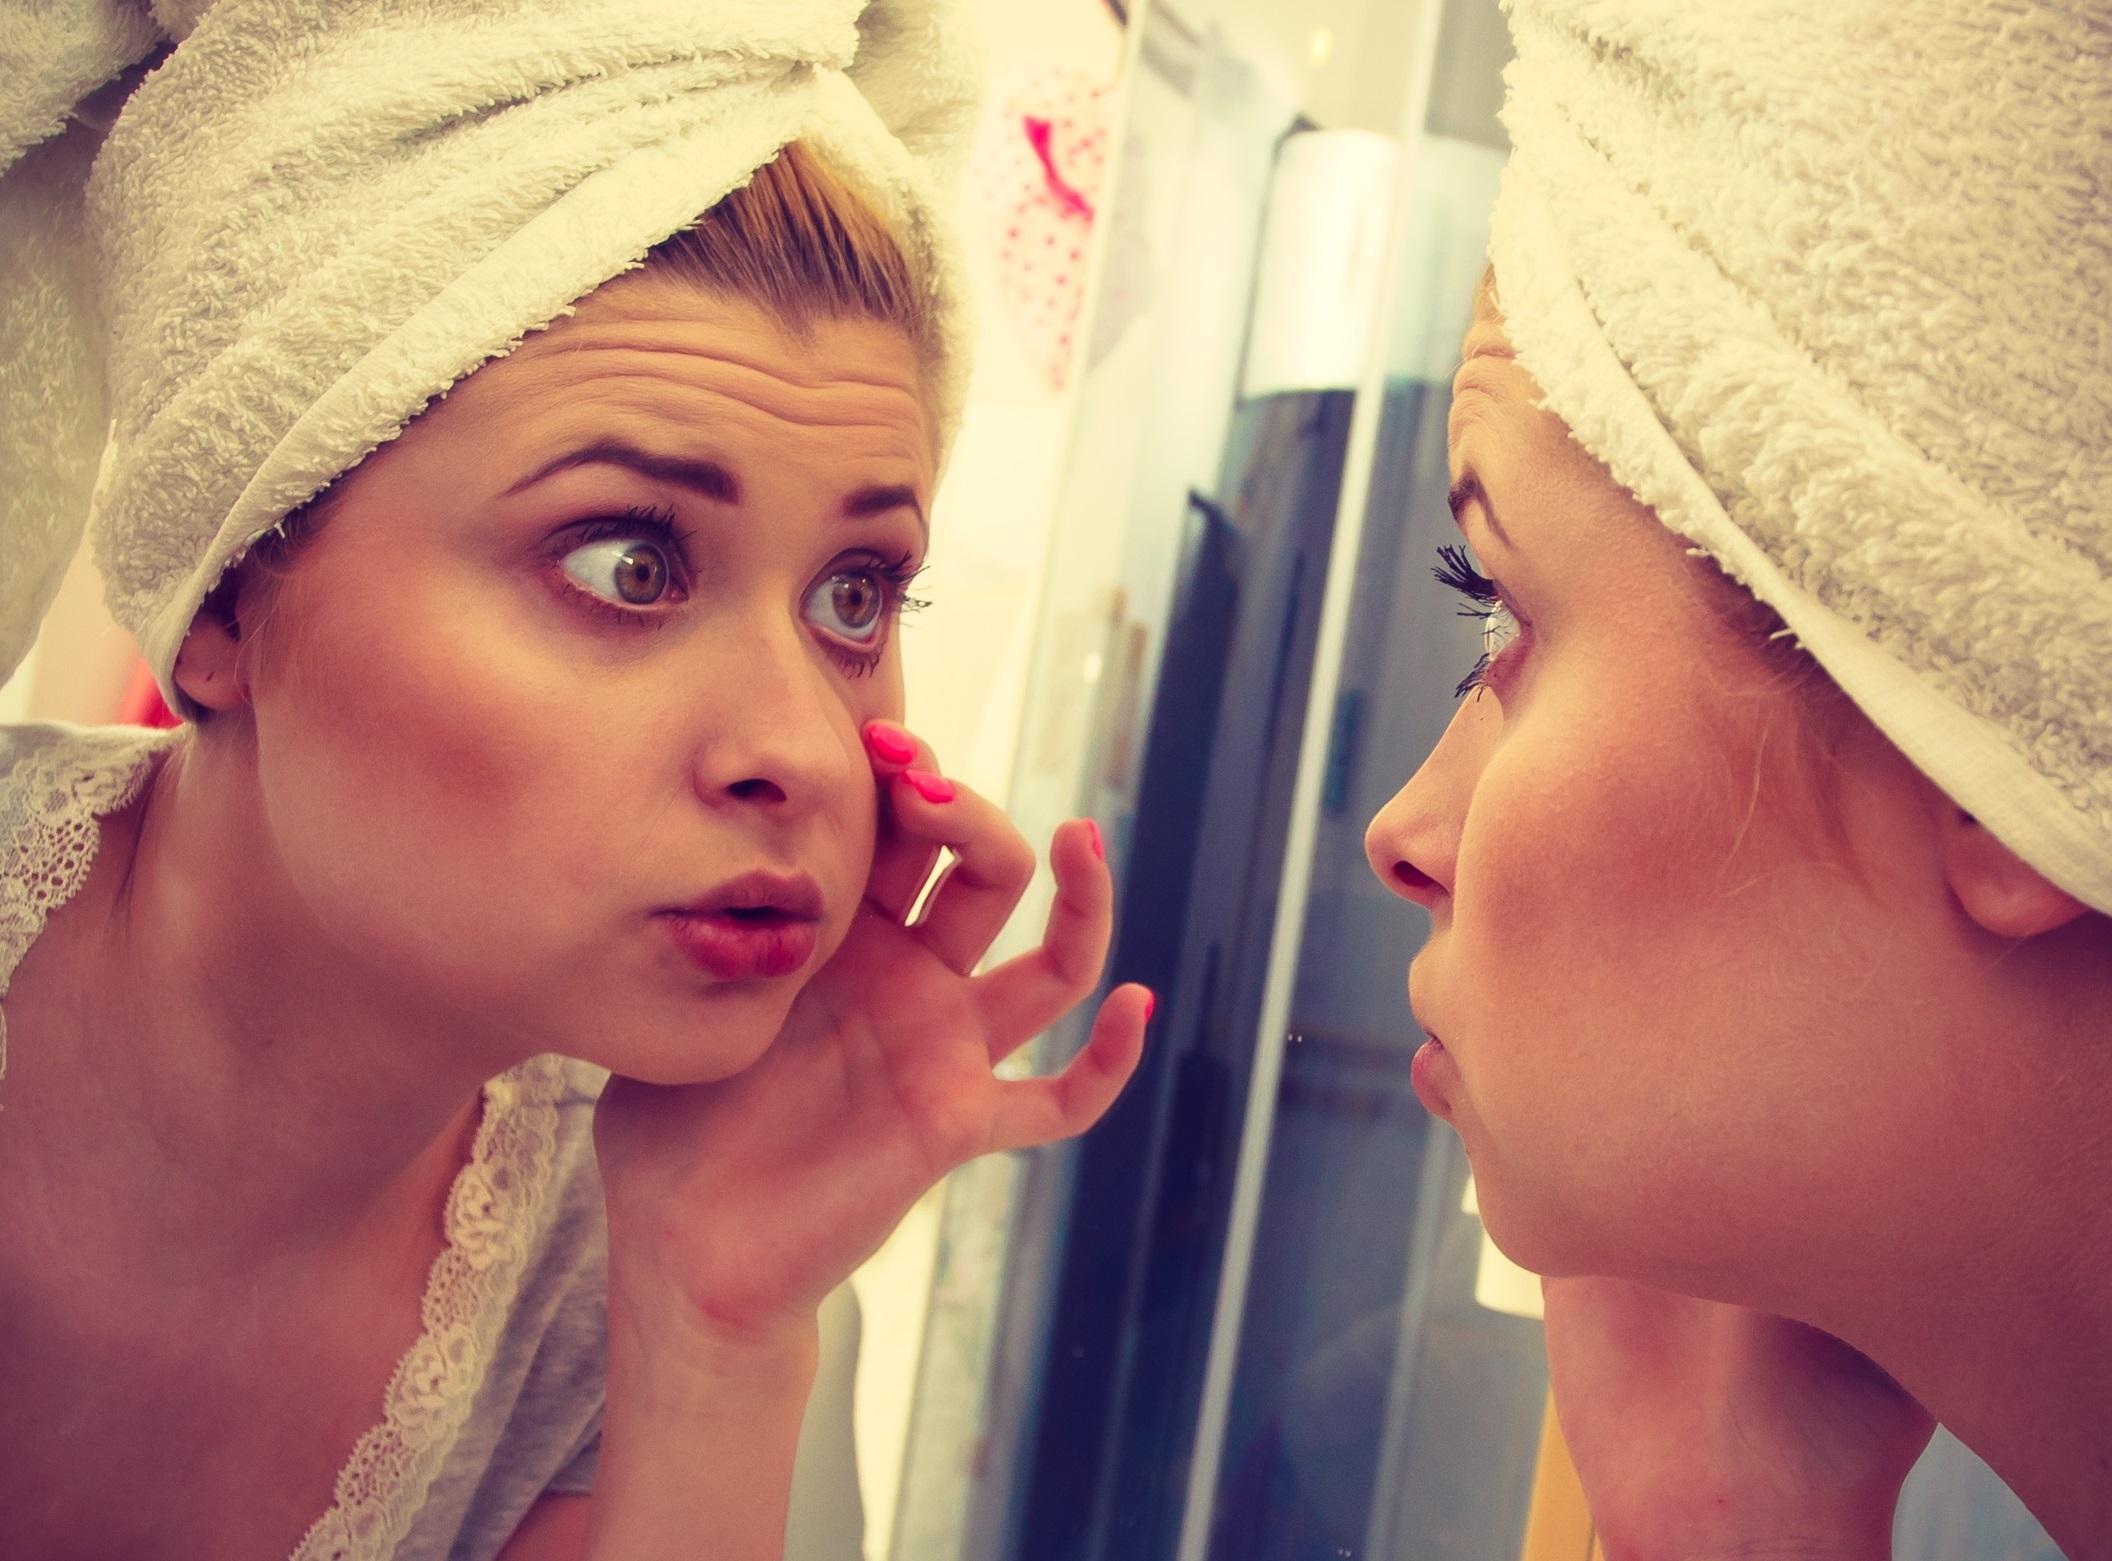 A nyári bőrbetegségek kezelhetők